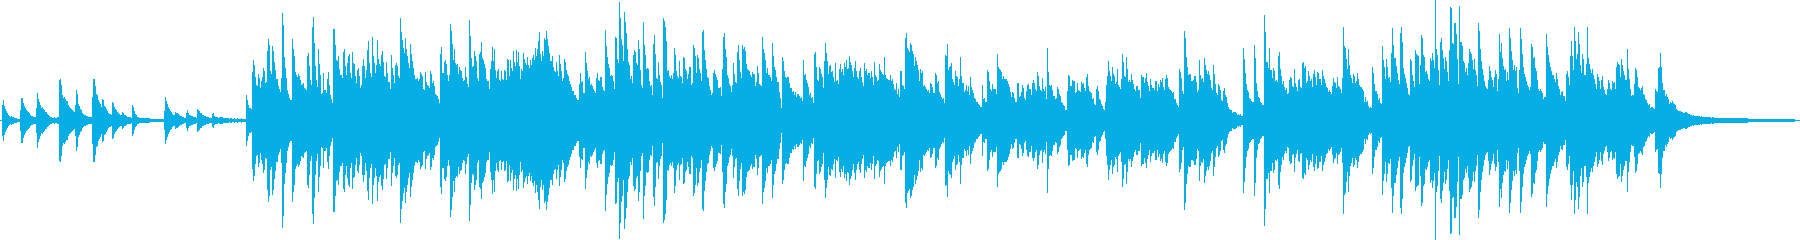 どことなく和風なピアノ曲の再生済みの波形